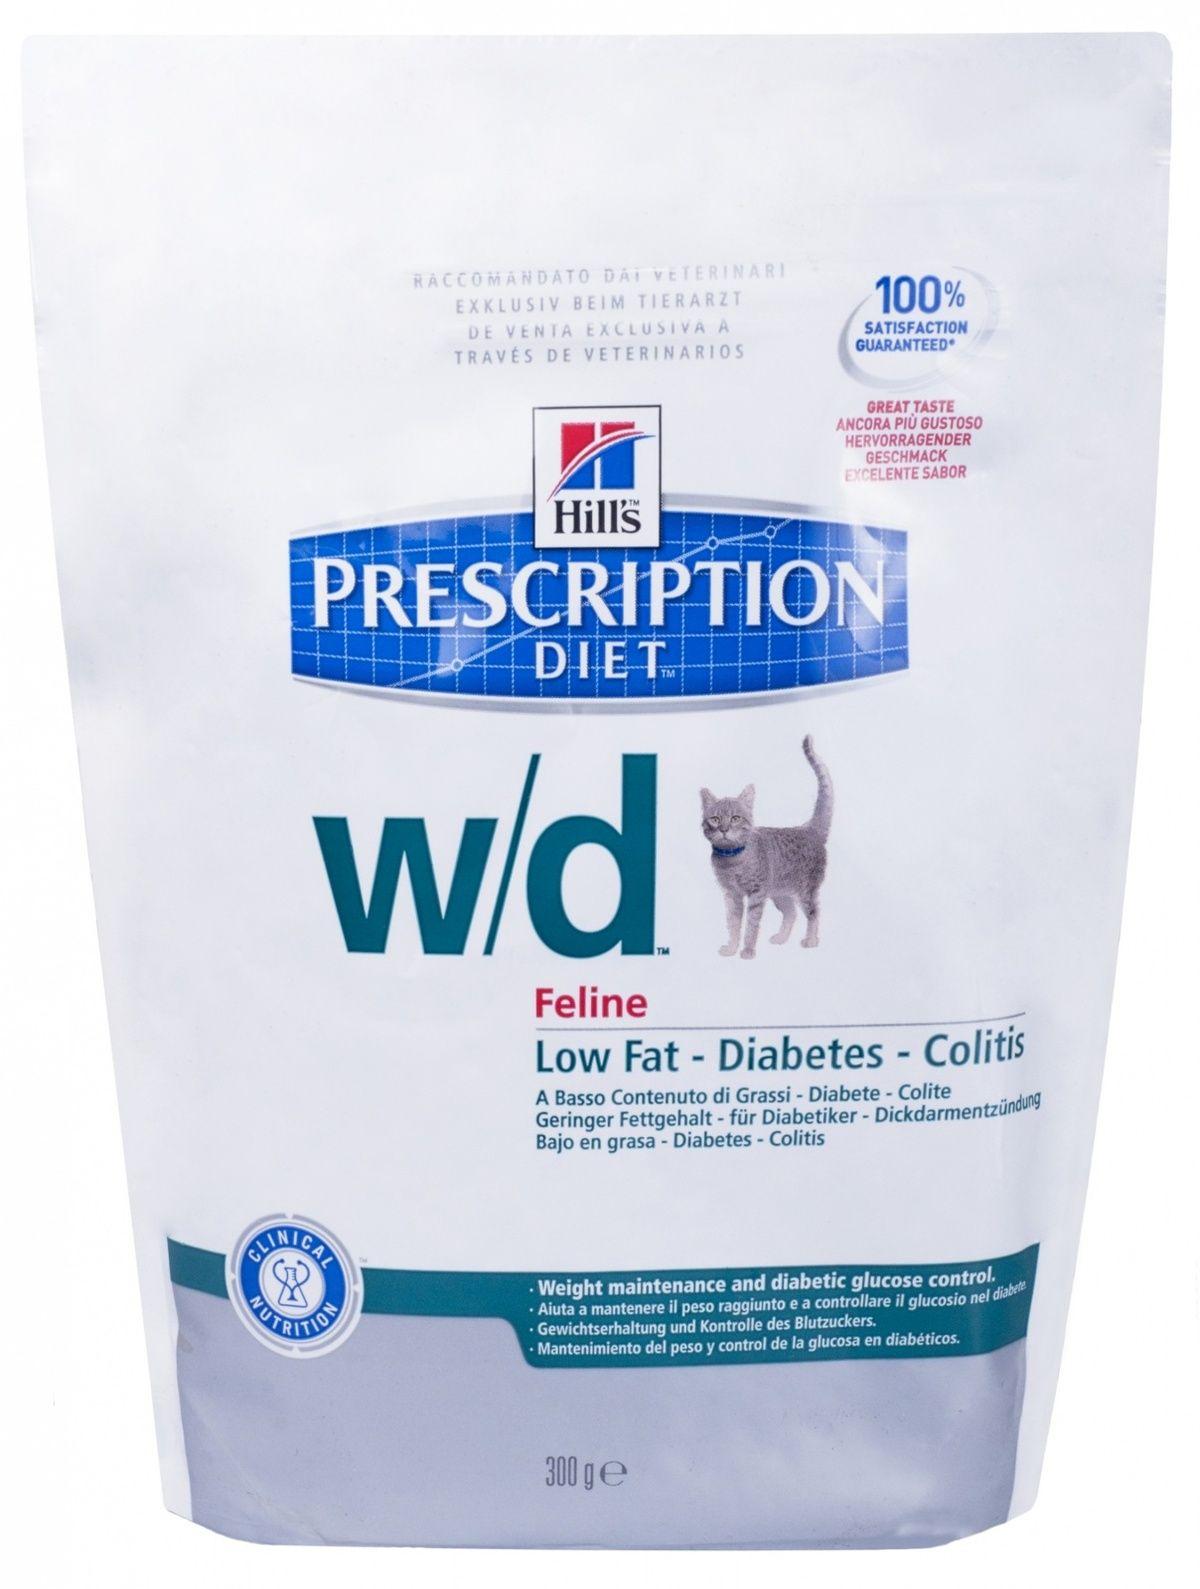 Диетический корм Hills W/D для Кошек: Лечение сахар. диабета, запоров, расстройств ЖКТ (Low Fat/Diabet), 1,5кгЛечебные корма<br><br><br>Высота упаковки (мм): 0,35<br>Длина упаковки (мм): 0,19<br>Ширина упаковки (мм): 0,07<br>Вес брутто (кг): 1,5<br>Артикул: 9191M<br>Бренд: Hills<br>Вид: Сухие<br>Страна-изготовитель: США<br>Вес упаковки (кг): 1,5<br>Размер/порода: Для всех пород<br>Для кого: Кошки<br>Особая серия: Облегчённый